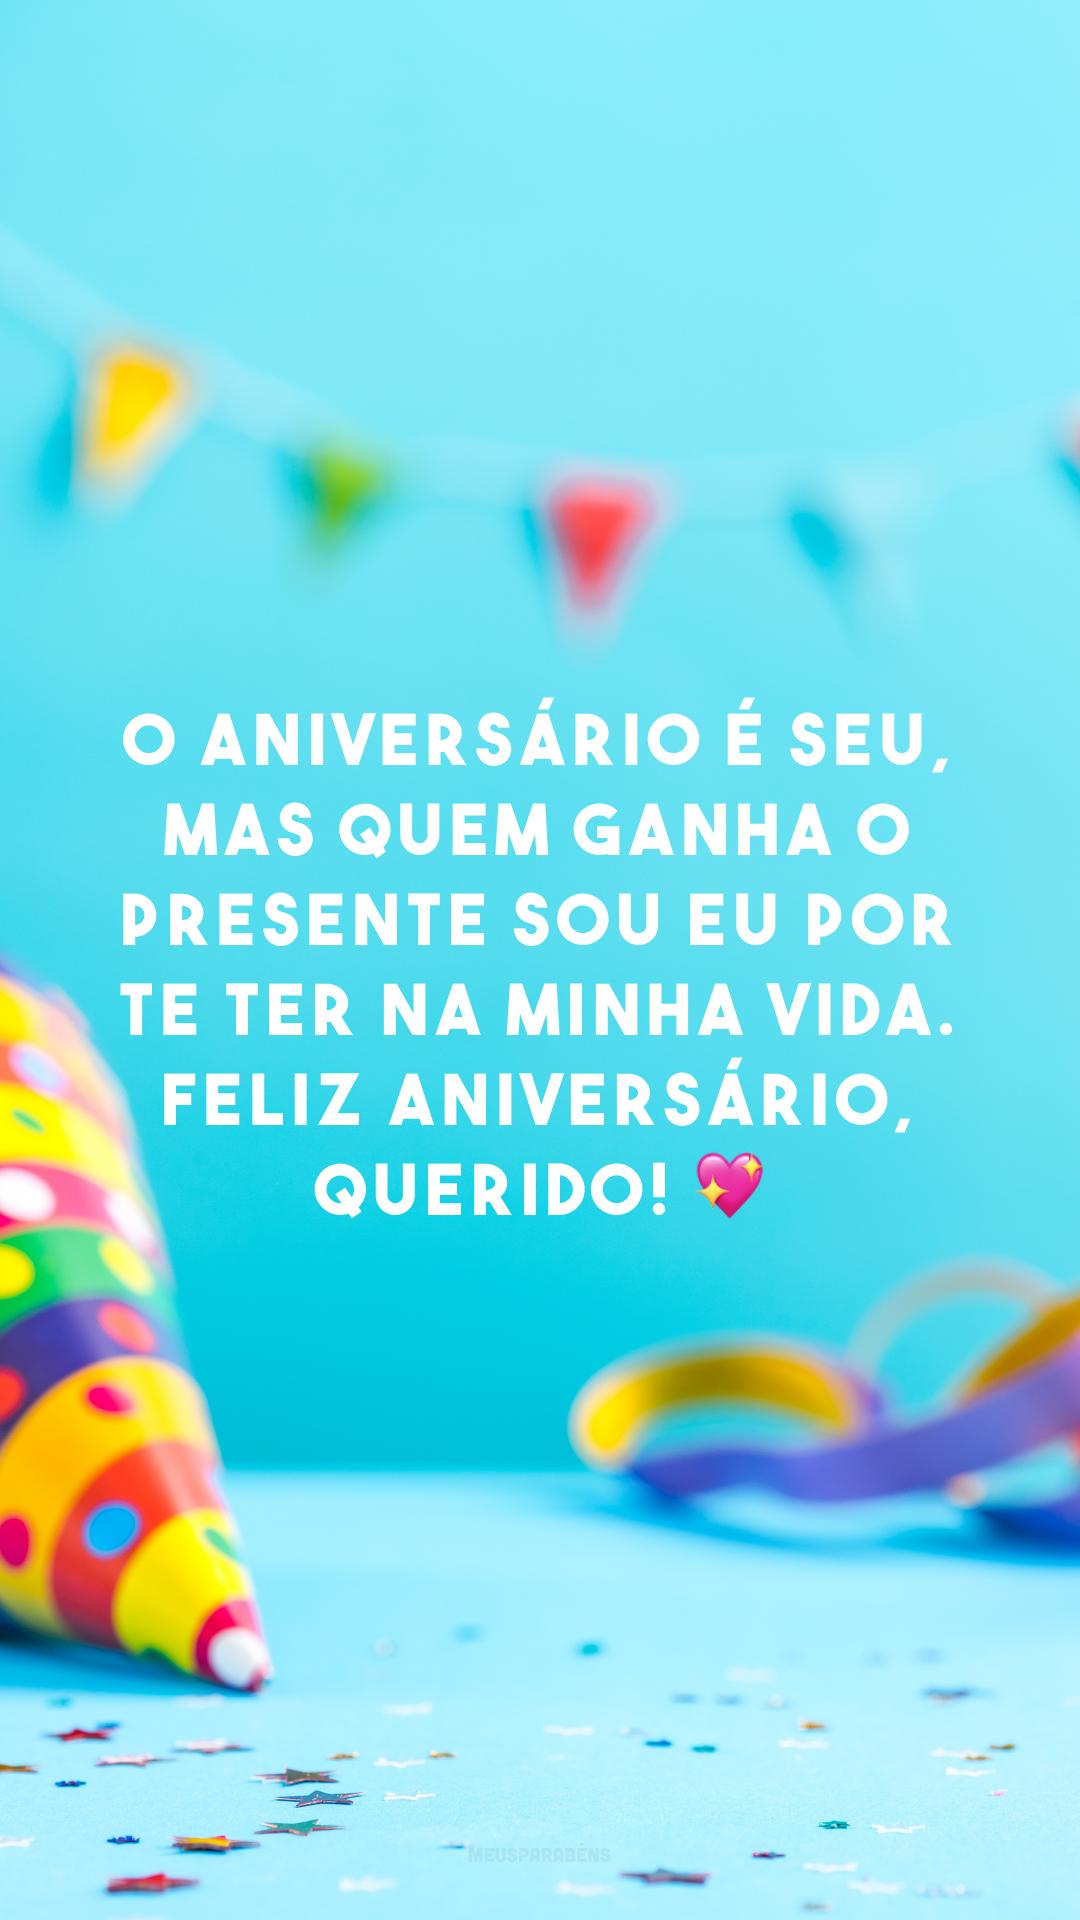 O aniversário é seu, mas quem ganha o presente sou eu por te ter na minha vida. Feliz aniversário, querido! 💖